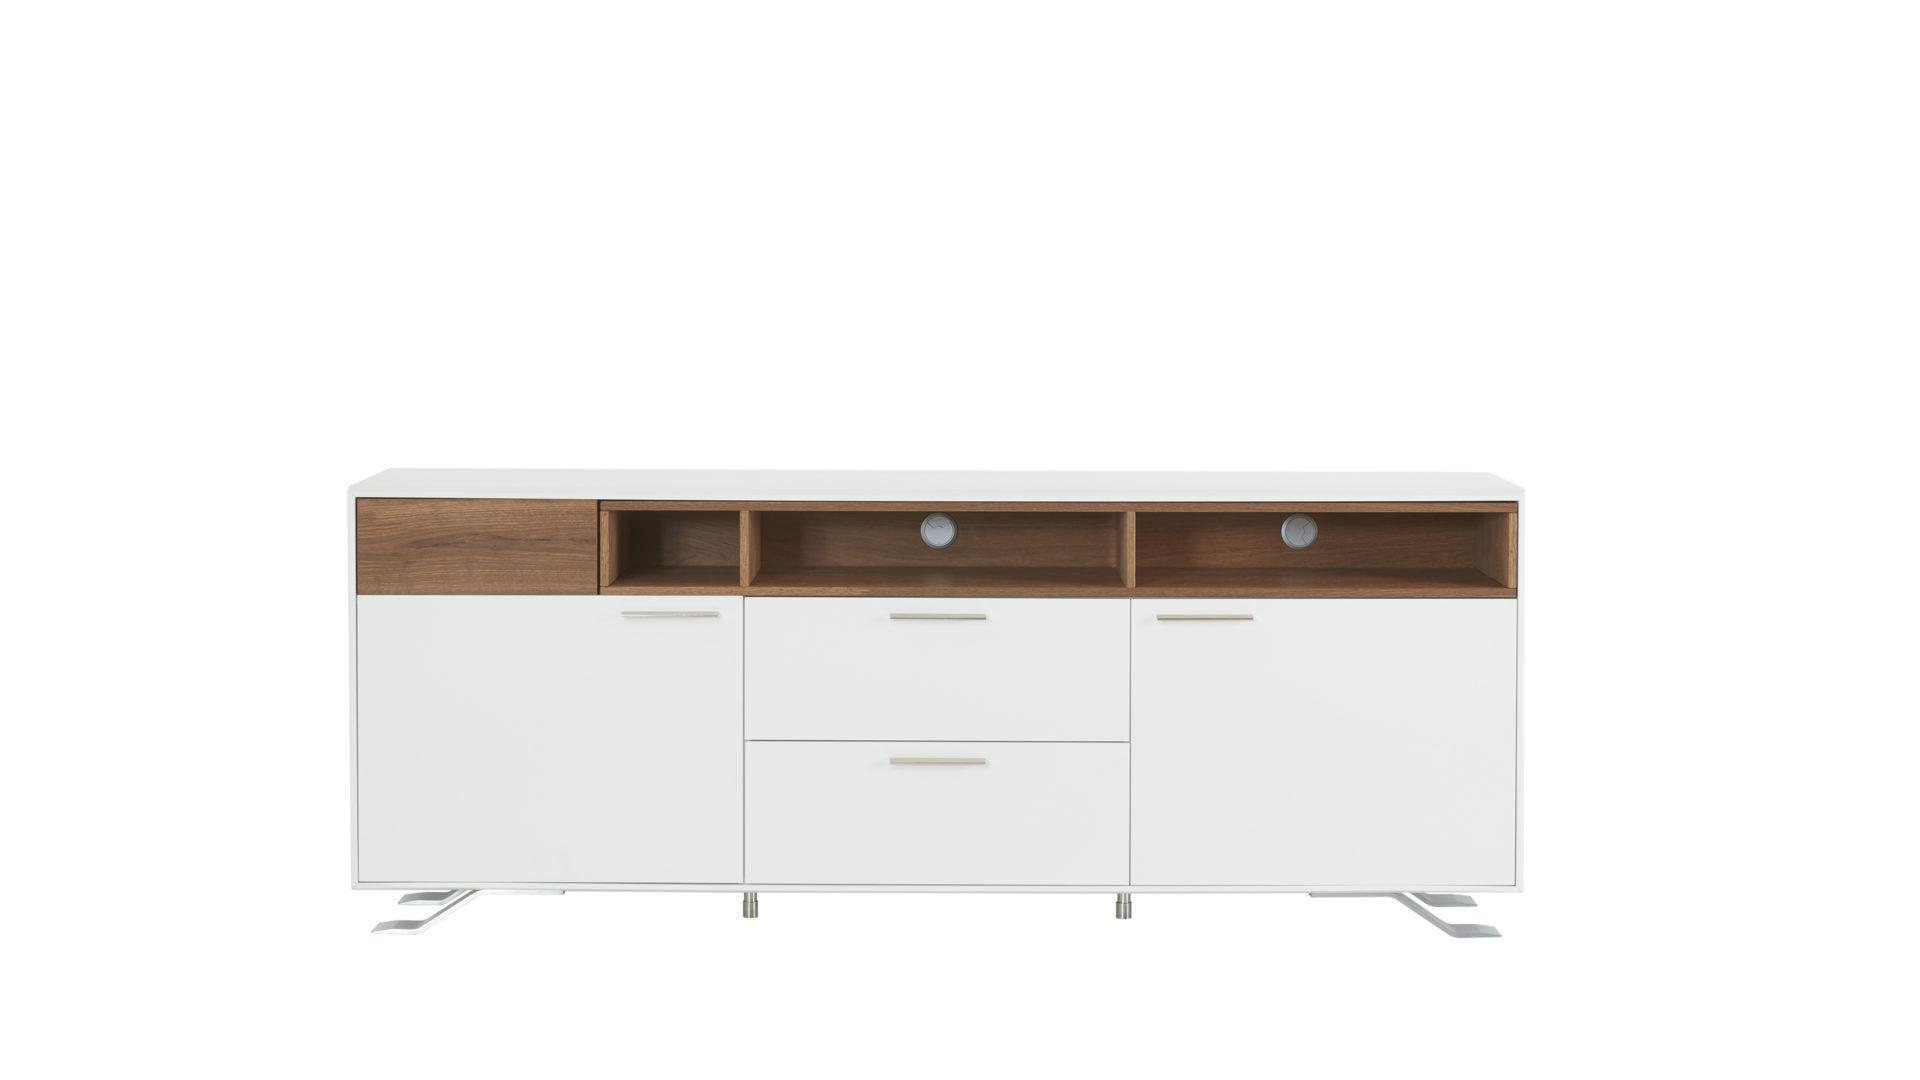 Interliving Wohnzimmer Serie 2102 Sideboard Dunkles Asteiche